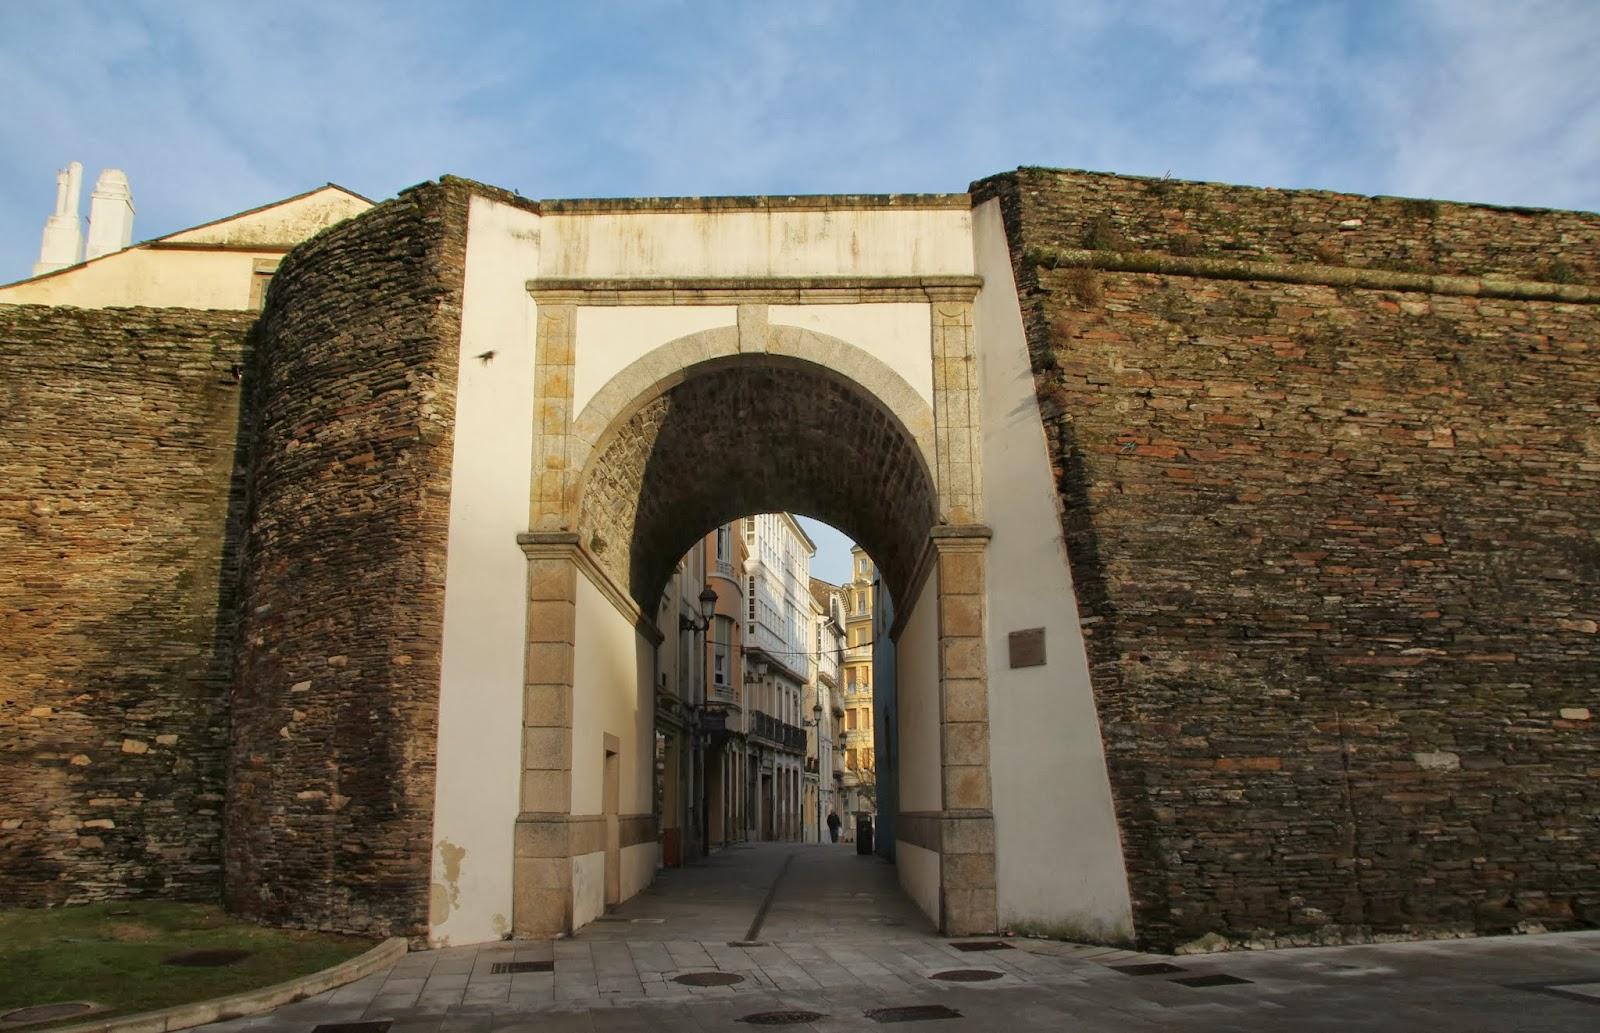 Rumbo a gran sol abre la muralla for Puerta 7 campo de mayo